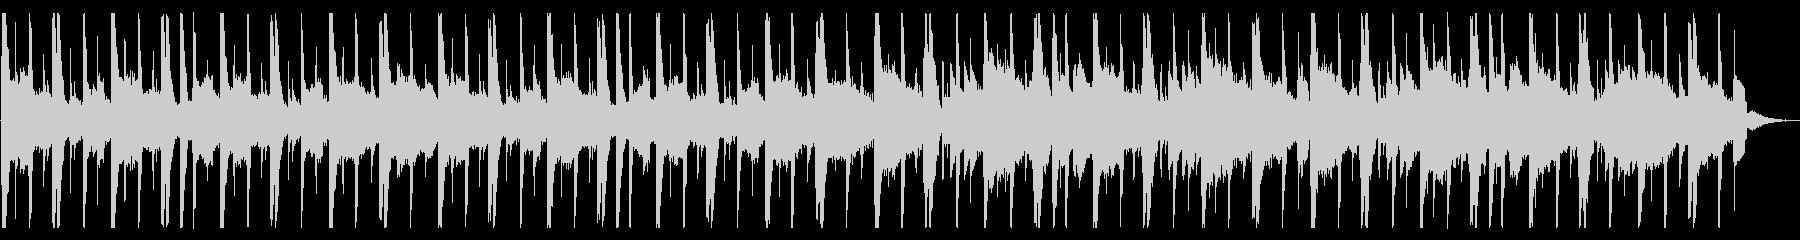 溶けそうなR&B_No635_2の未再生の波形